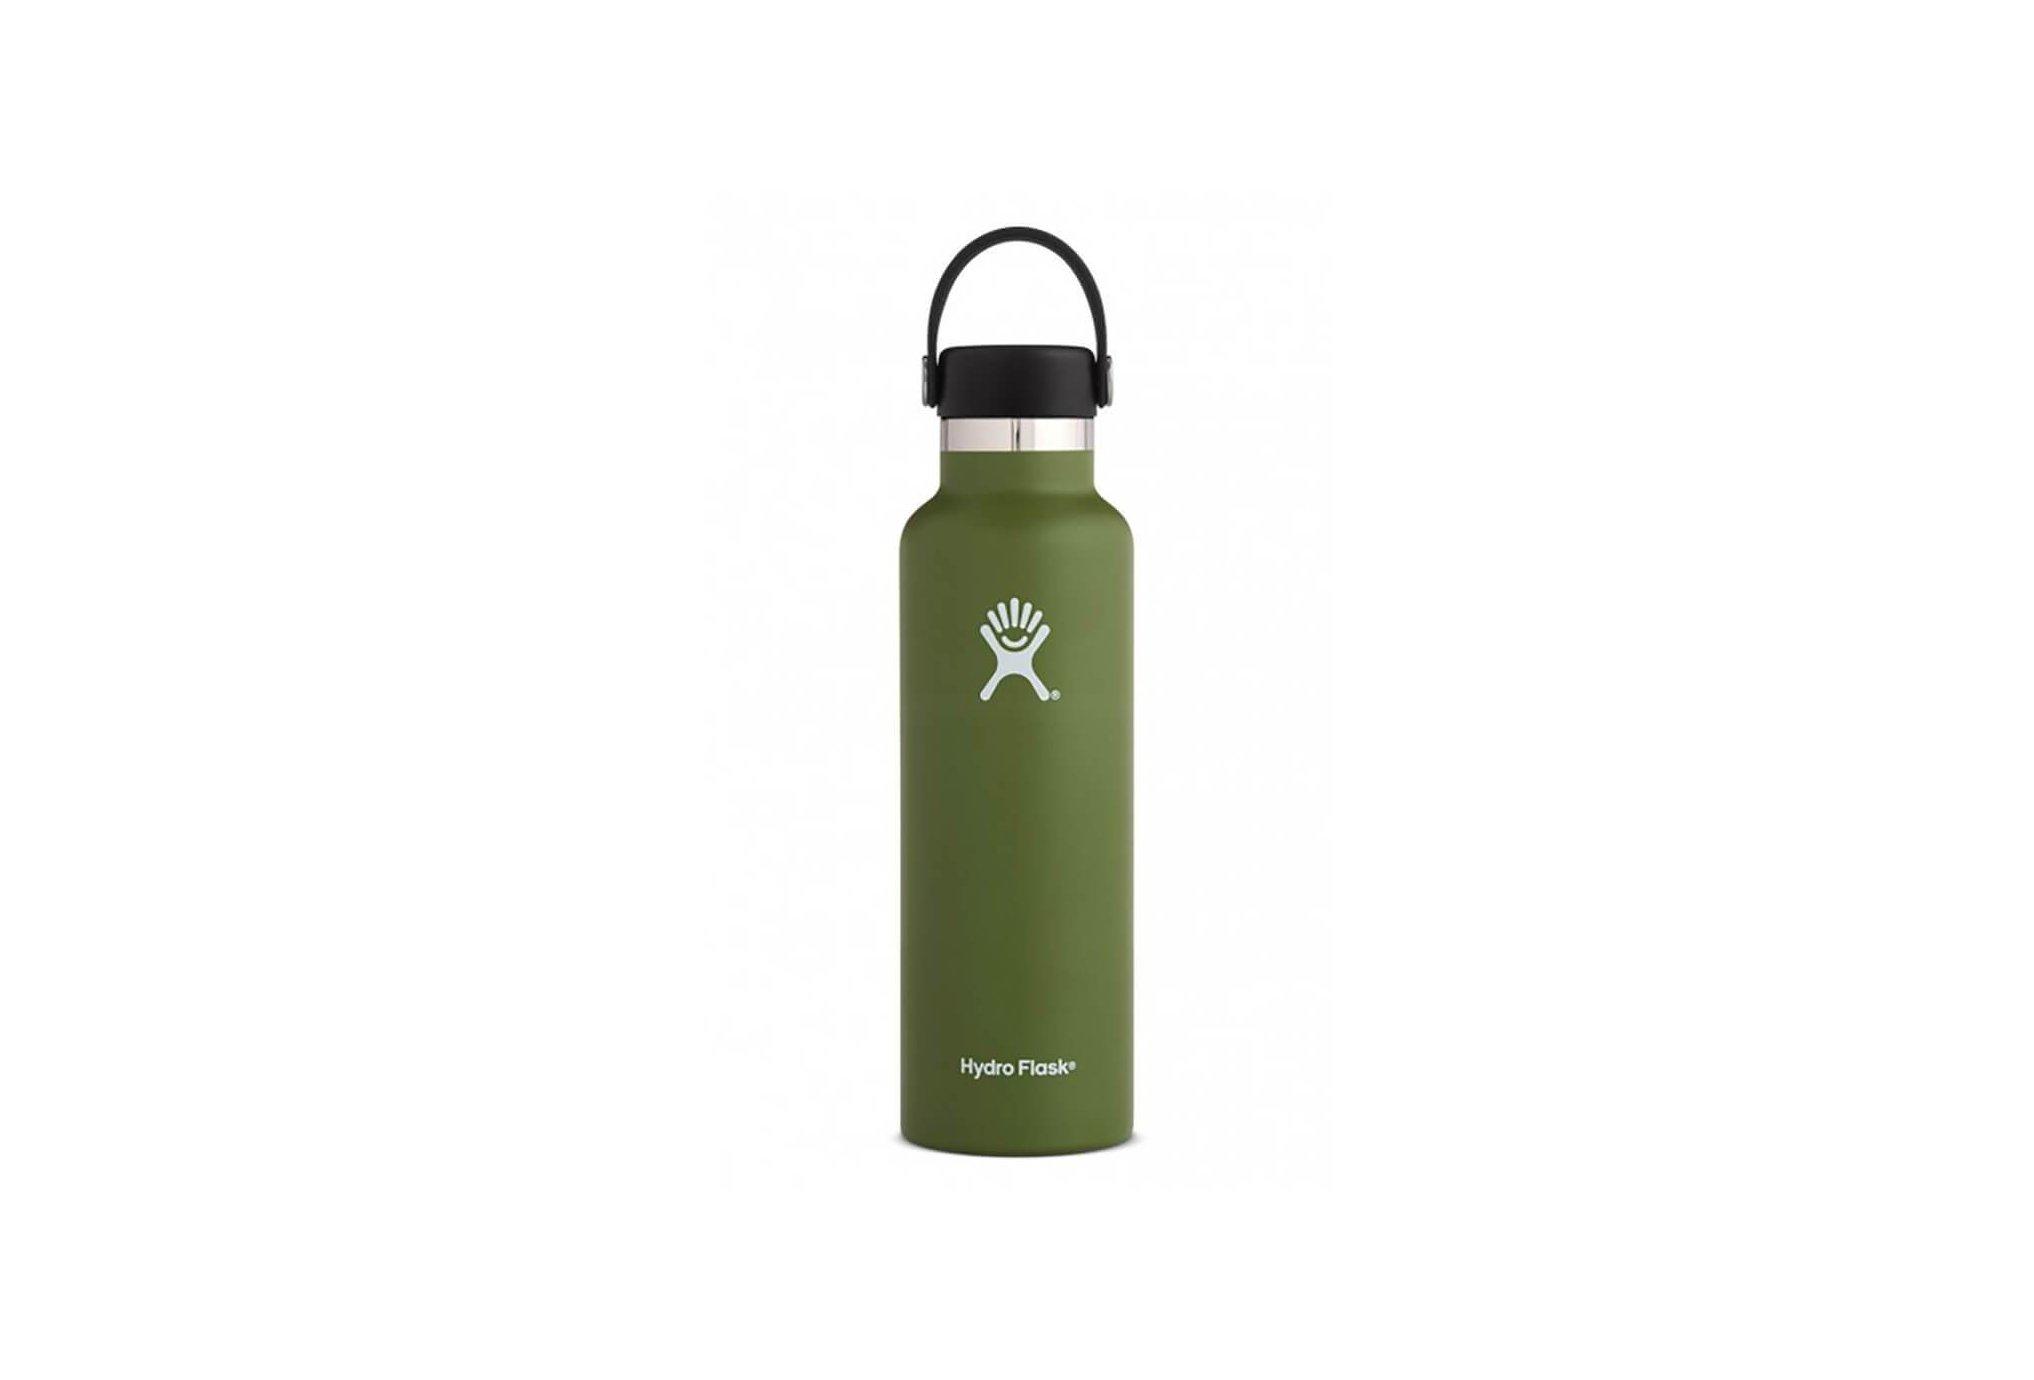 Hydro Flask Standard Mouth Flex Cap 621 mL Sac hydratation / Gourde